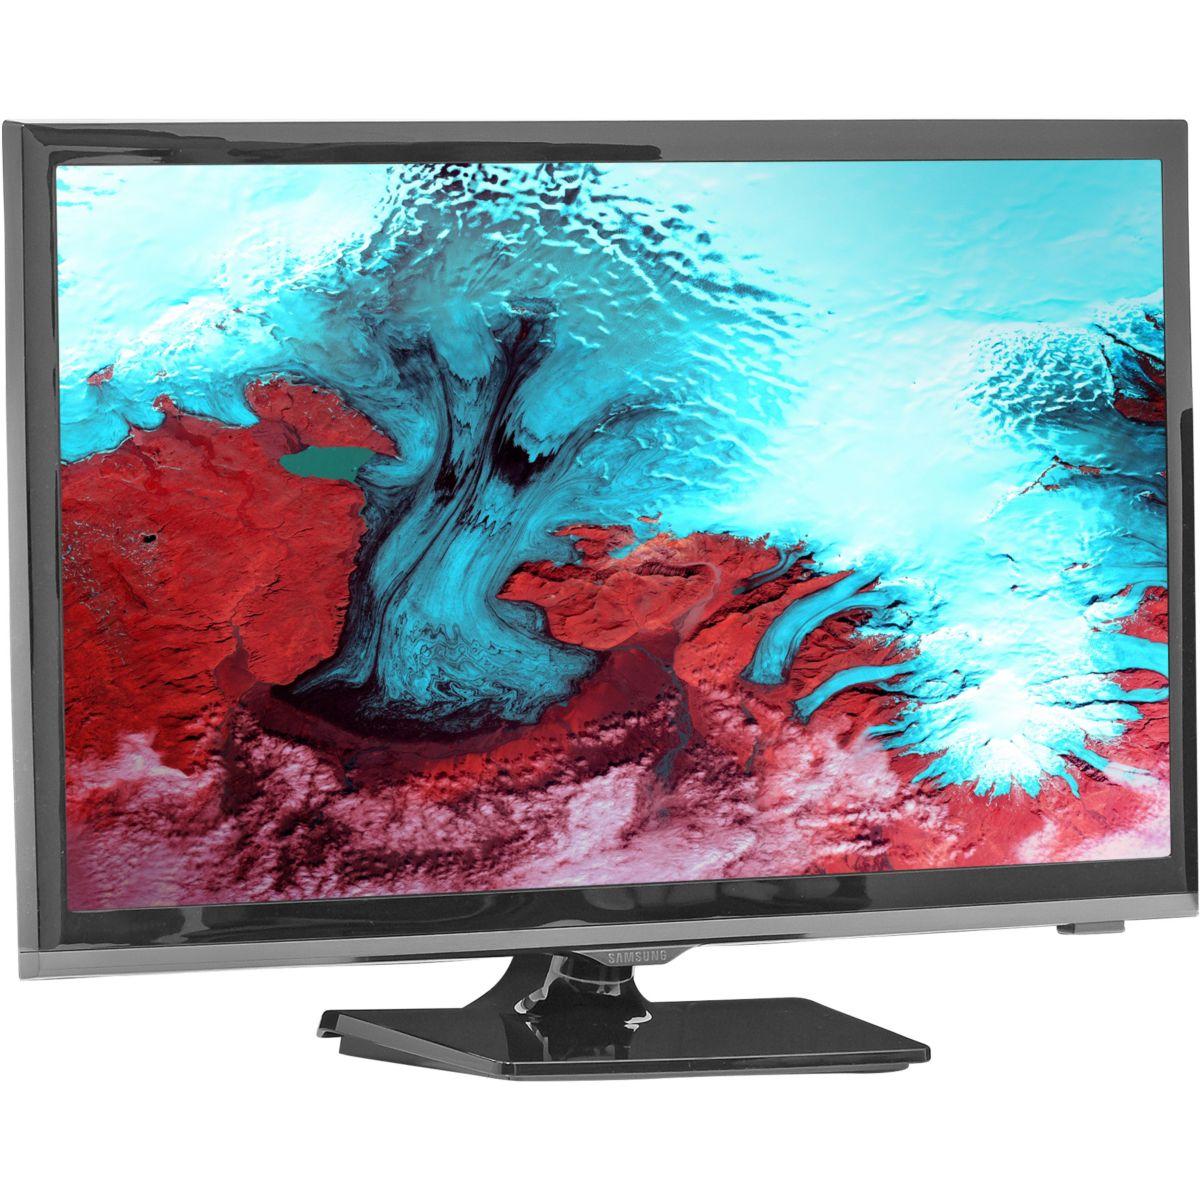 TV LED SAMSUNG UE22K5000 200 PQI